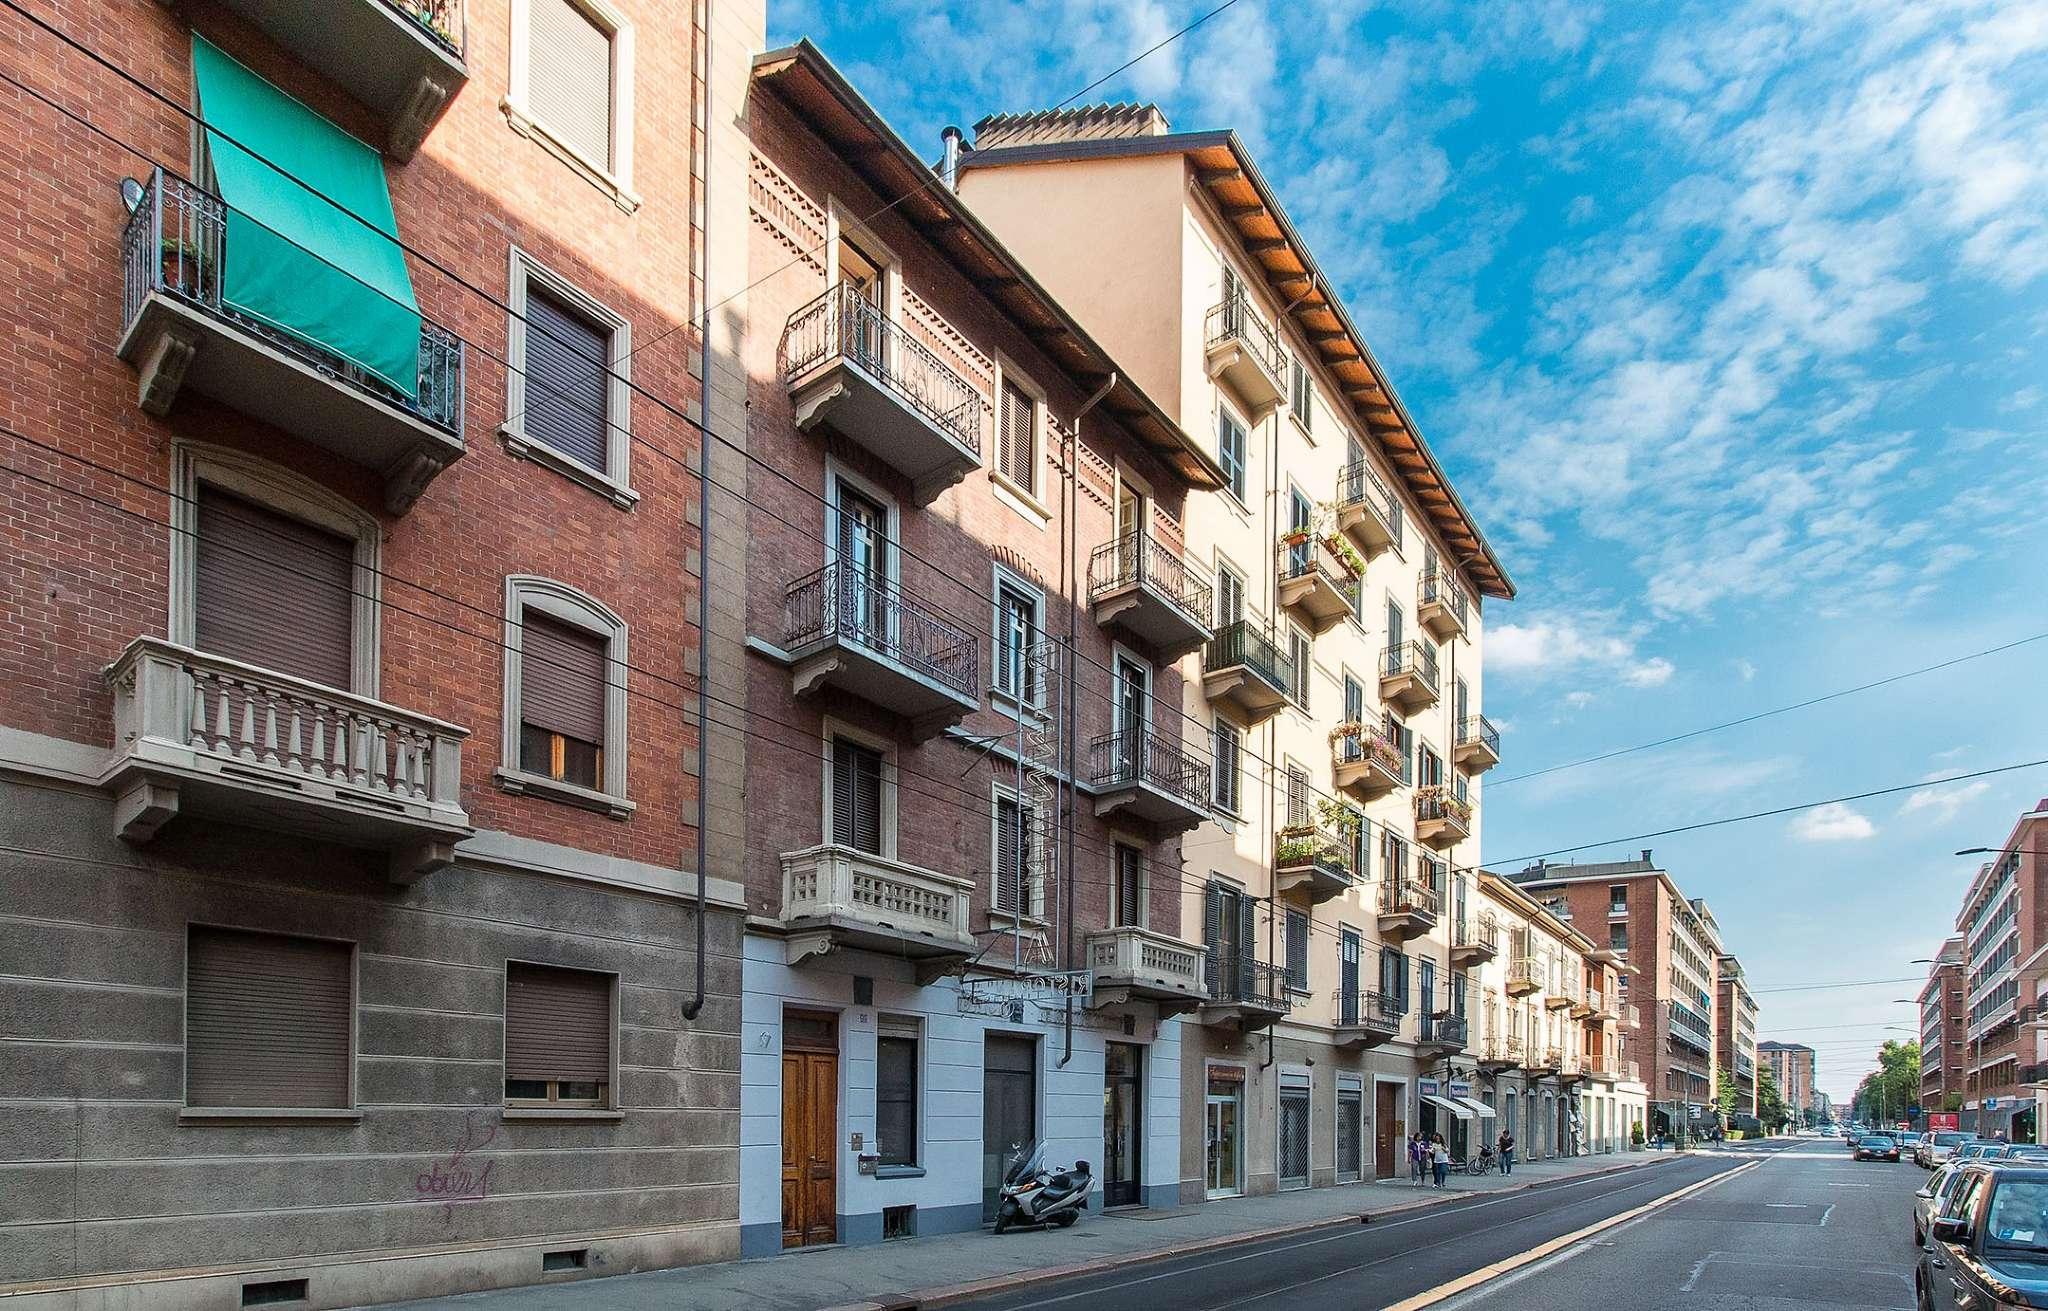 Immagine immobiliare € **.*** - Lingotto - Via Genova, adiacente a Via Cortemilia - facilmente raggiungibile con mezzi pubblici, fermata della metropolitana più vicina: